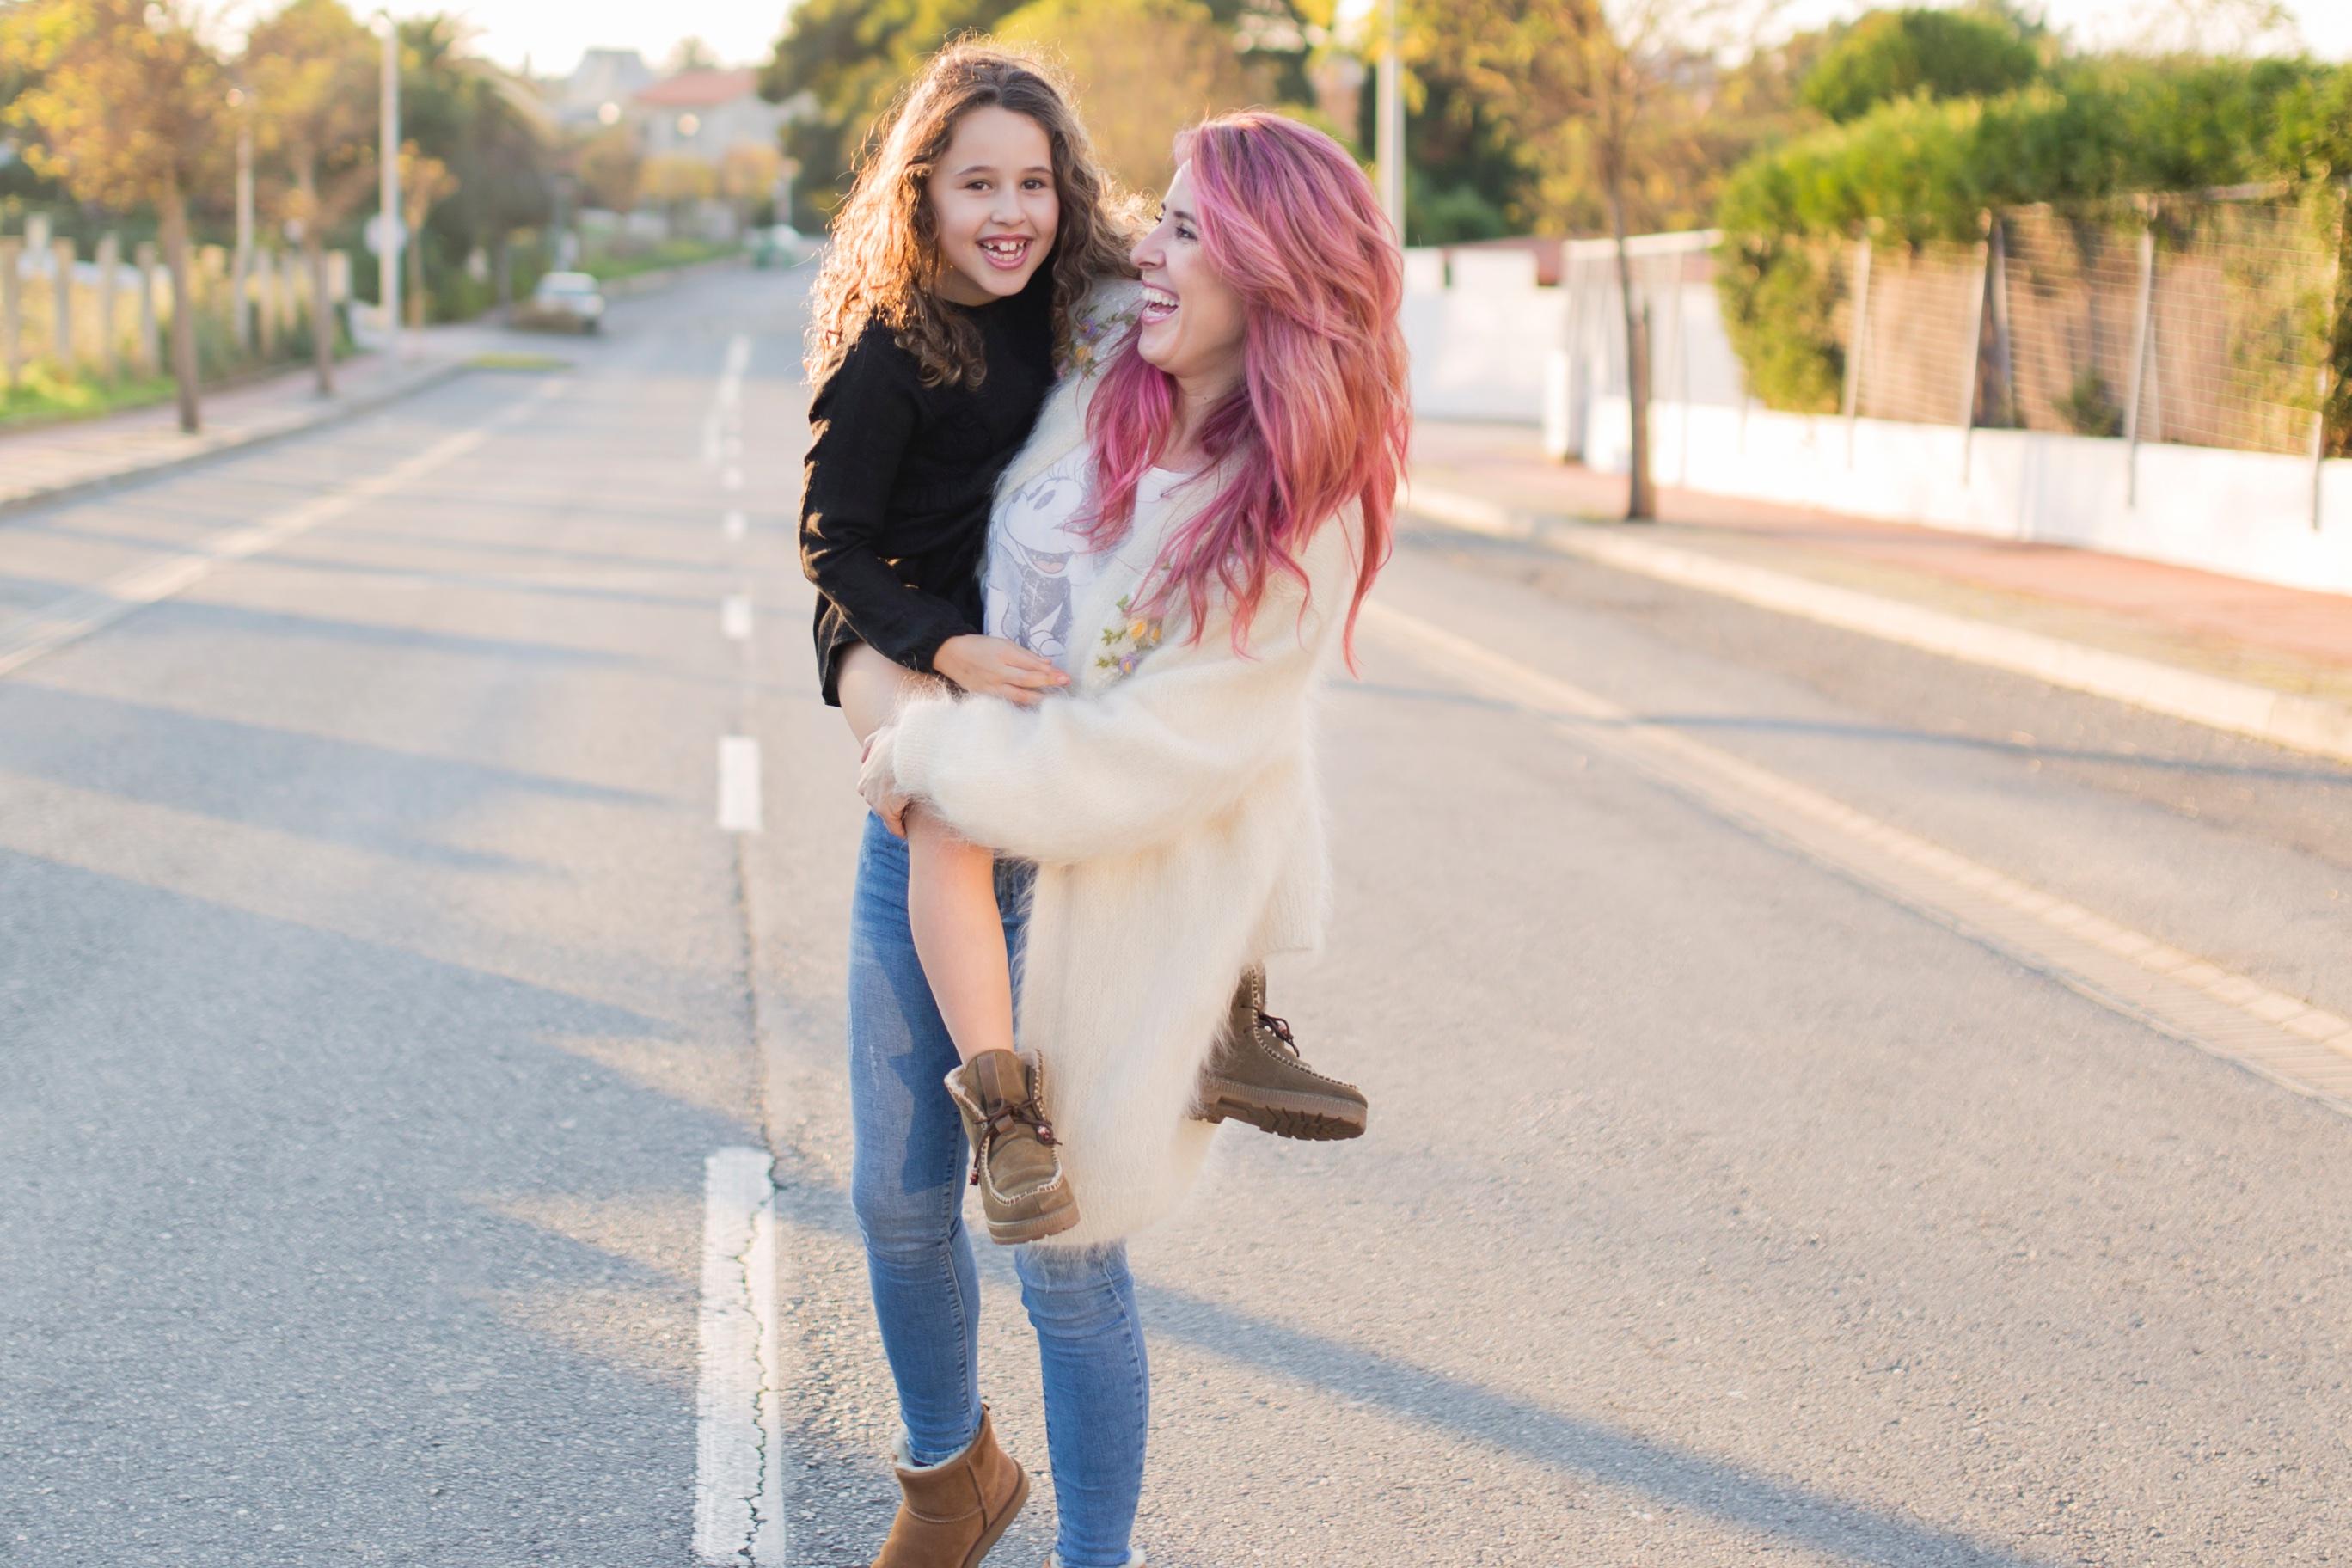 pink-hair-coruña-mohair-vitagecoffee-ugg-moda-descalzaporelparque-descalza-look